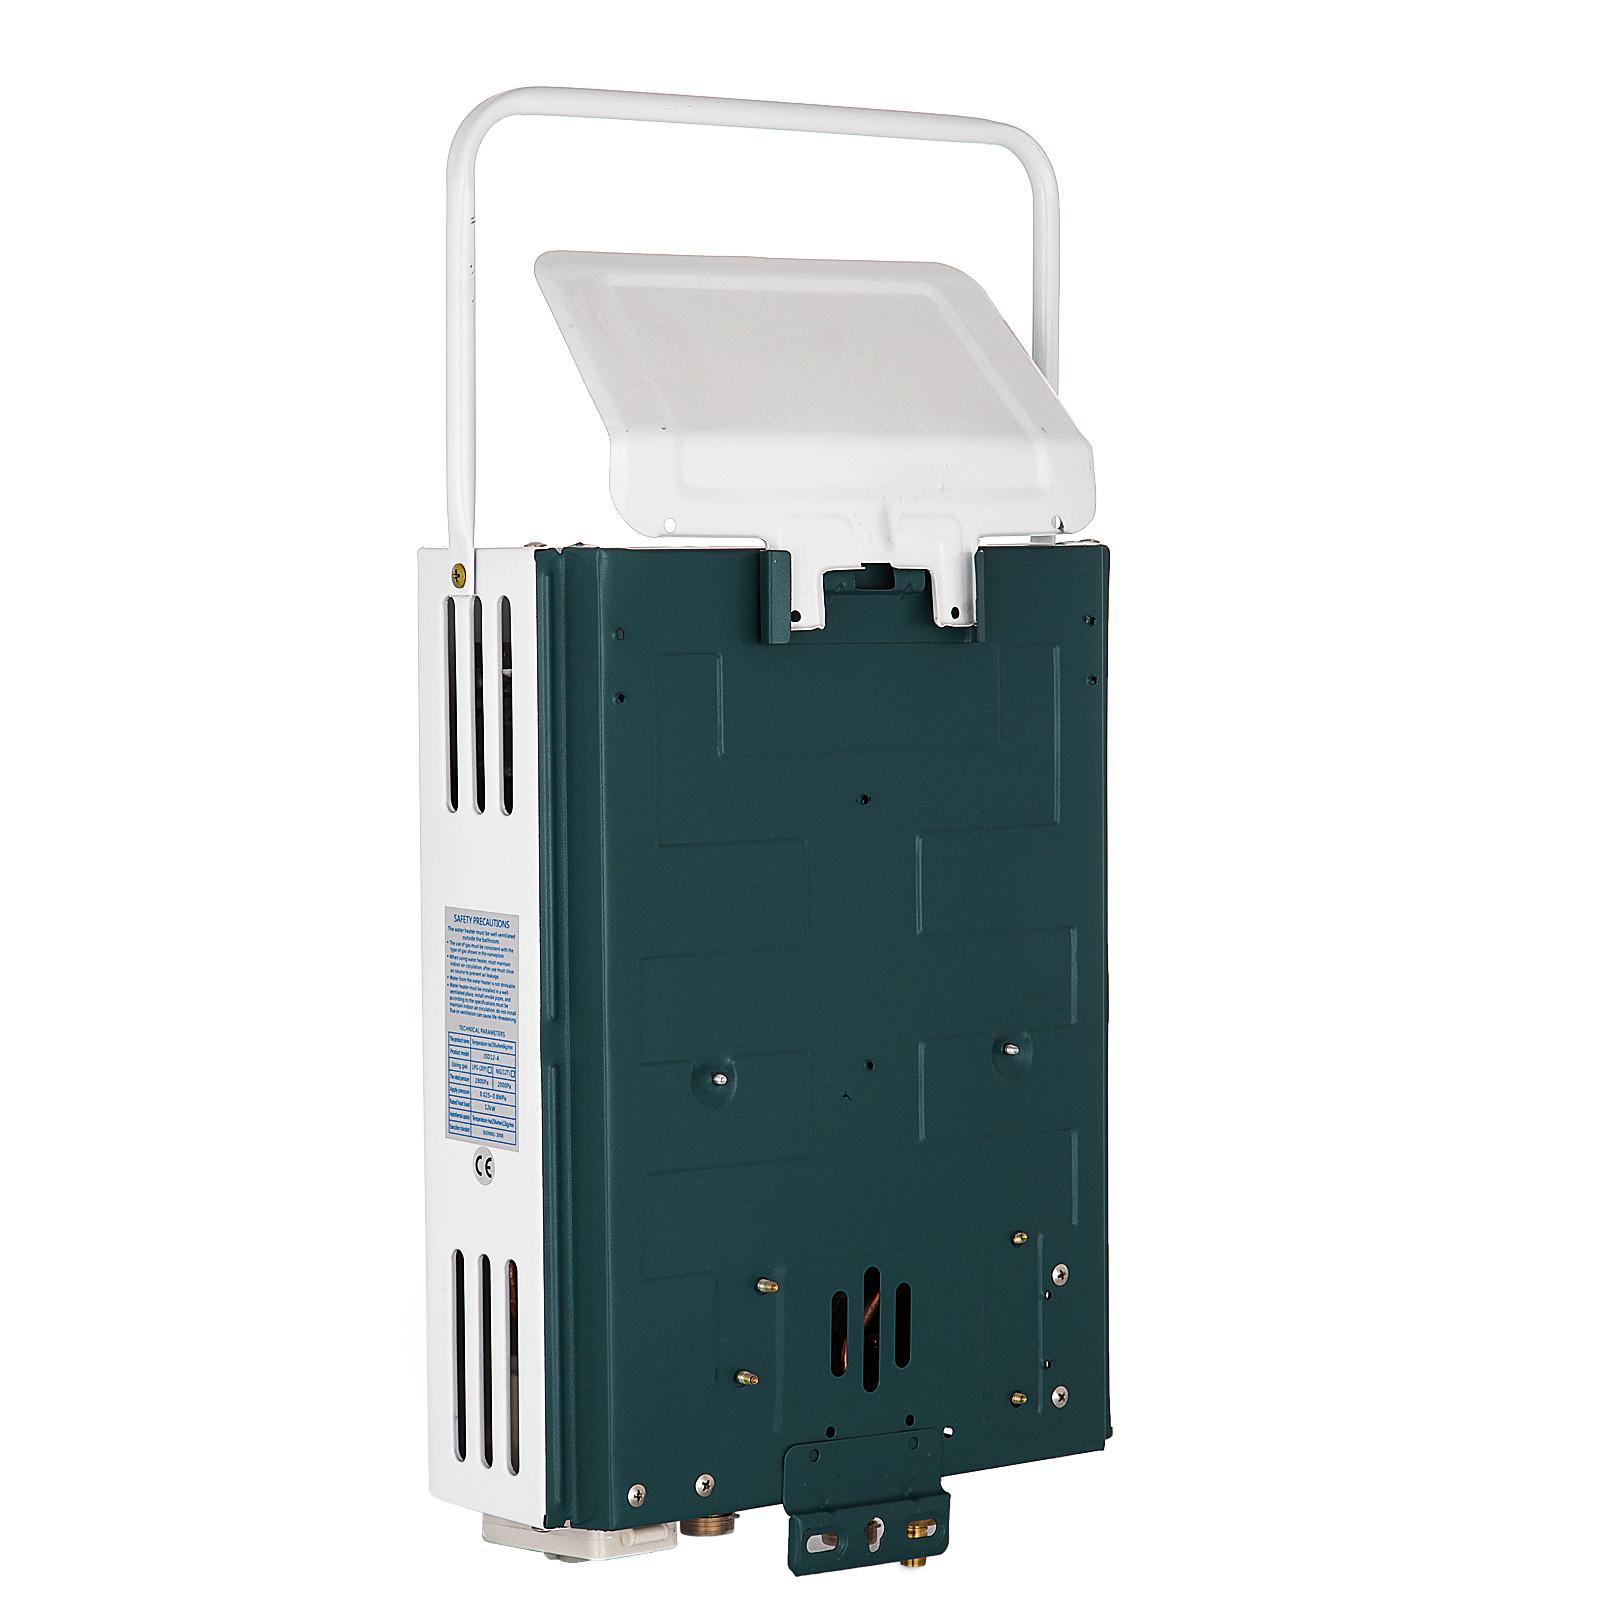 Propangas-Gas-Durchlauferhitzer-Warmwasserbereiter-Boiler-Warmwasserspeicher Indexbild 17